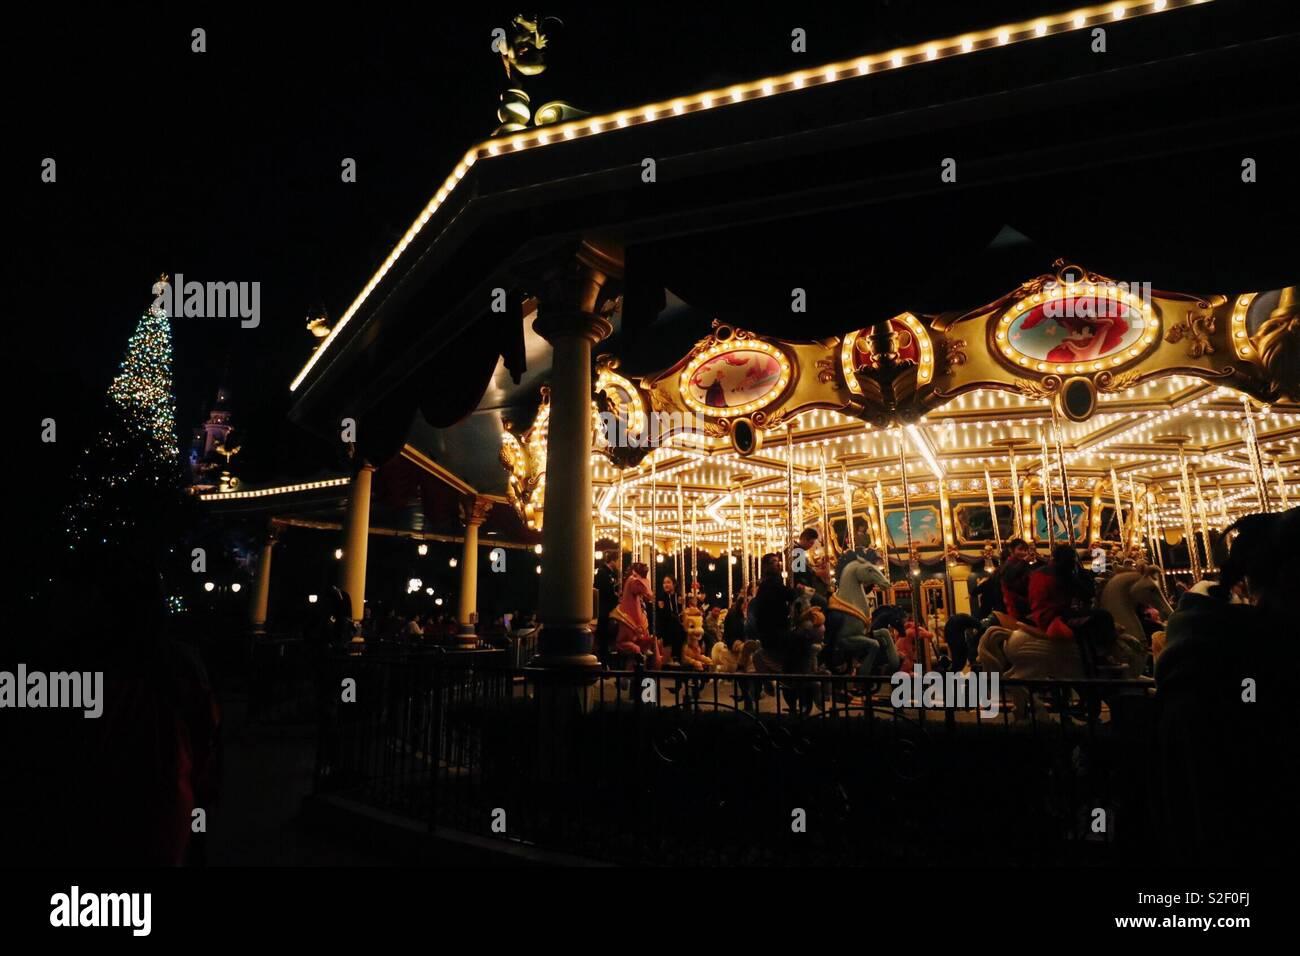 Carrusel de nocheFoto de stock